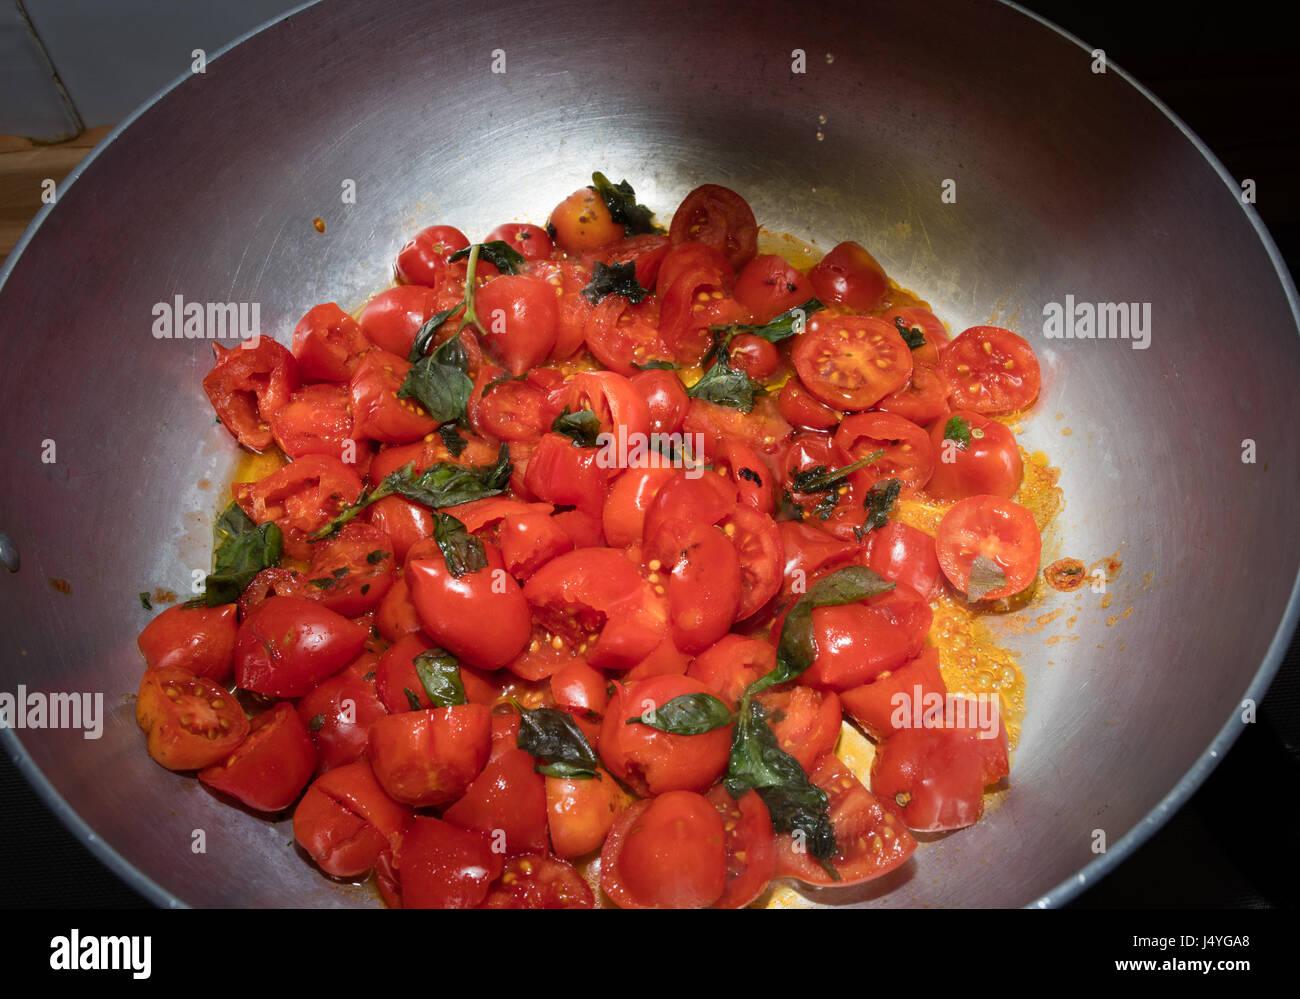 Salsa di pomodoro con tomtoes del piennolo del Vesuvio